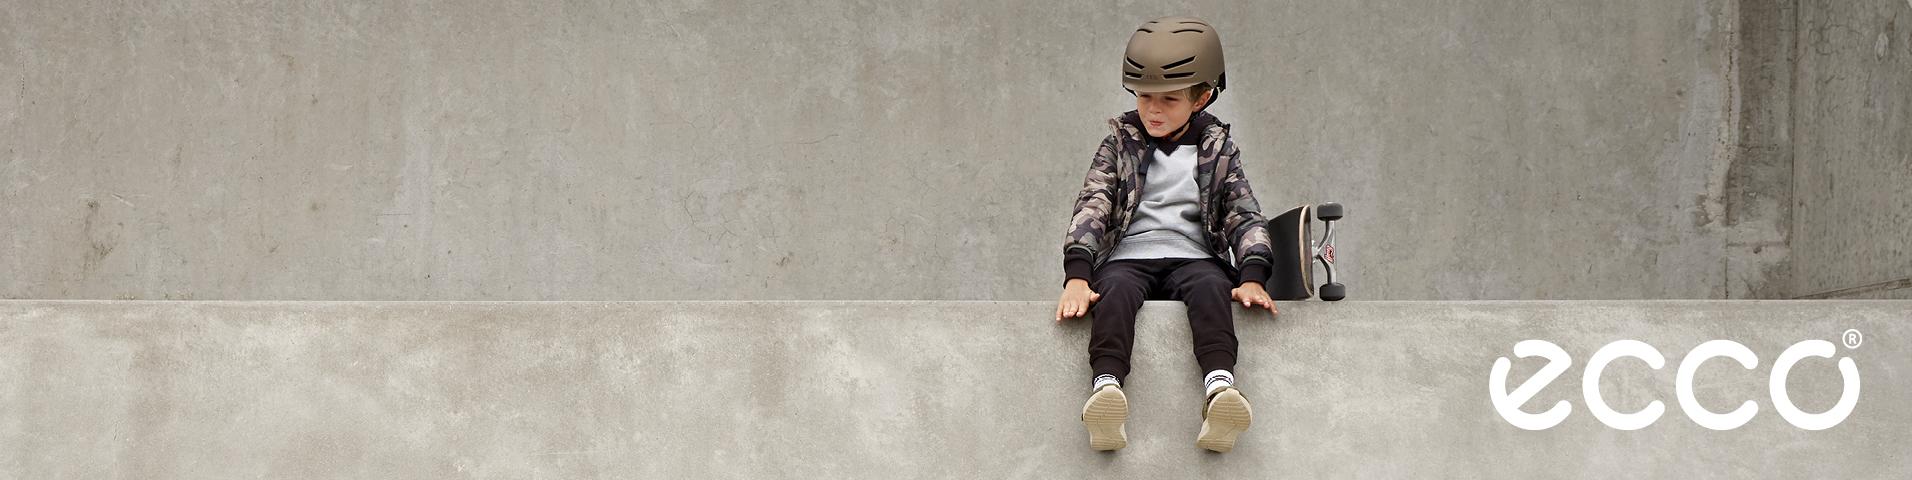 8d7d00abc6e Ecco Børnesko | stort udvalg af sko til børn online på Zalando.dk